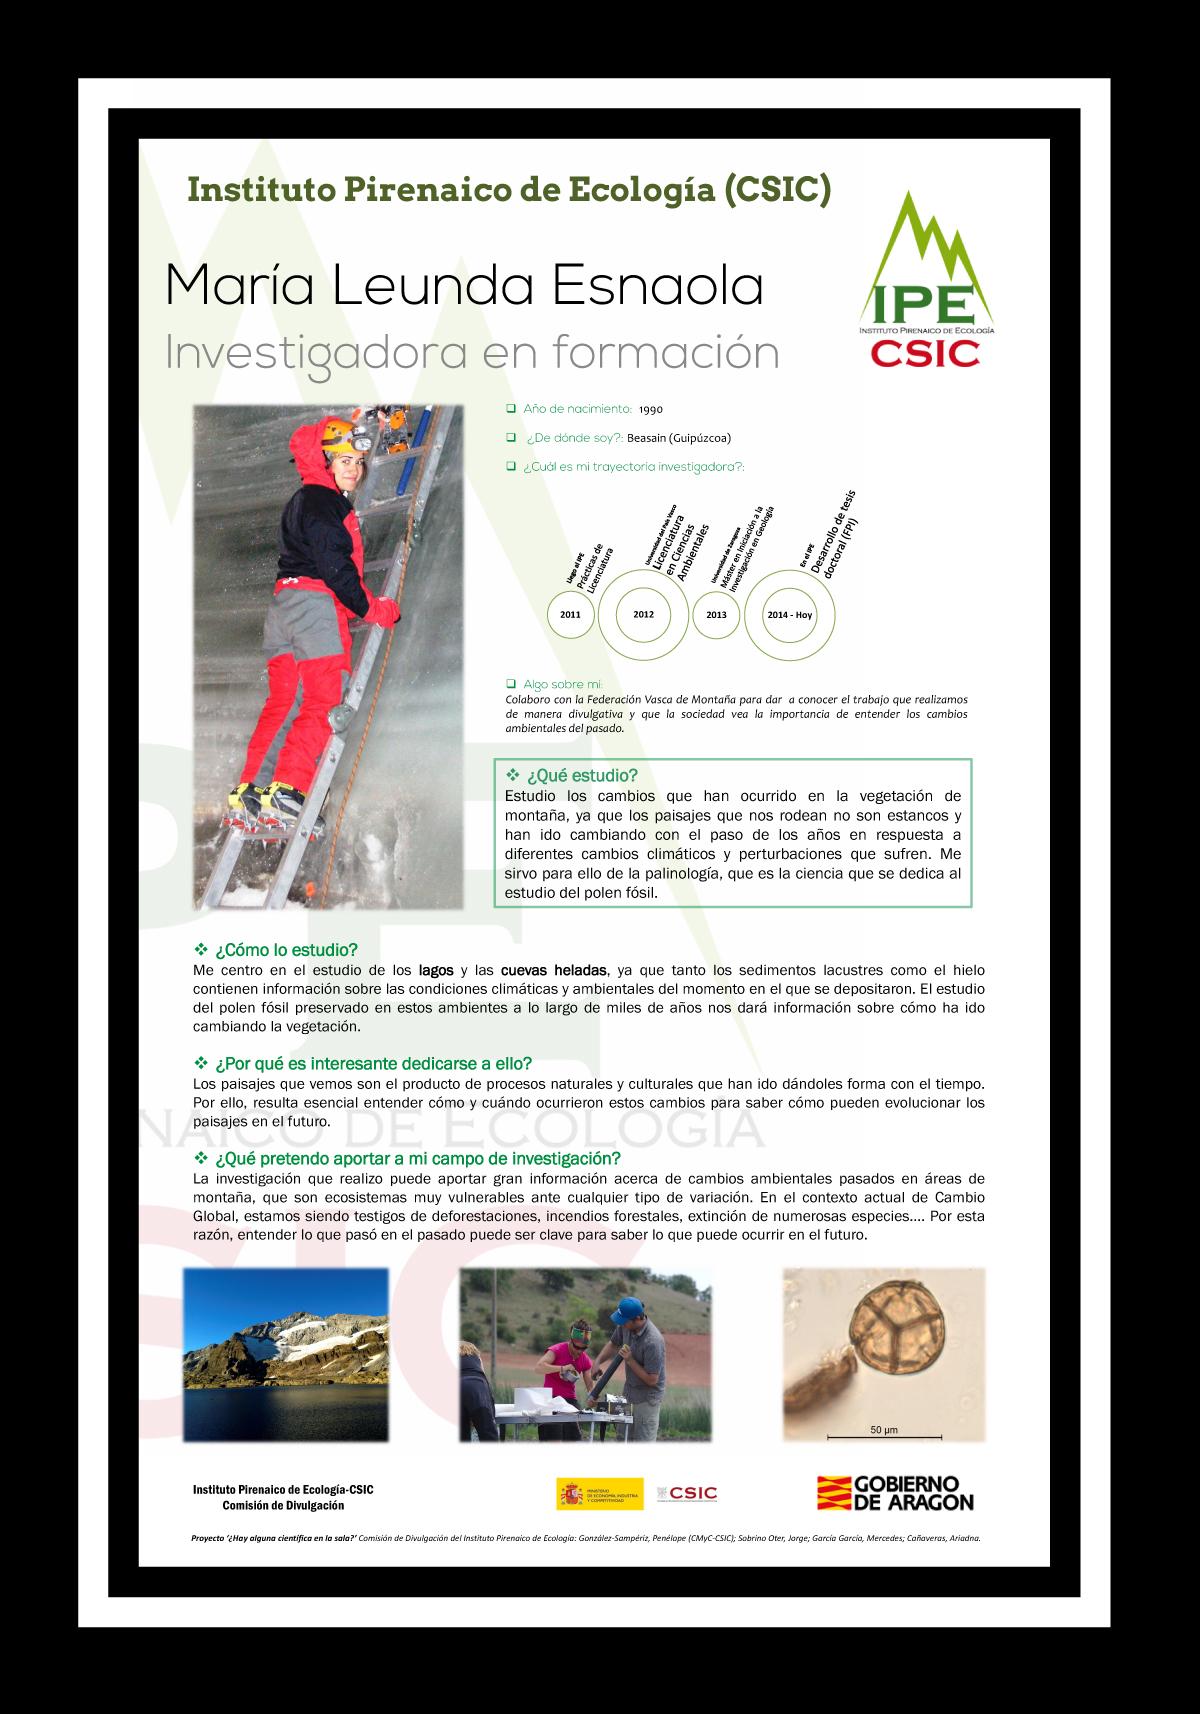 María Leunda Esnaola